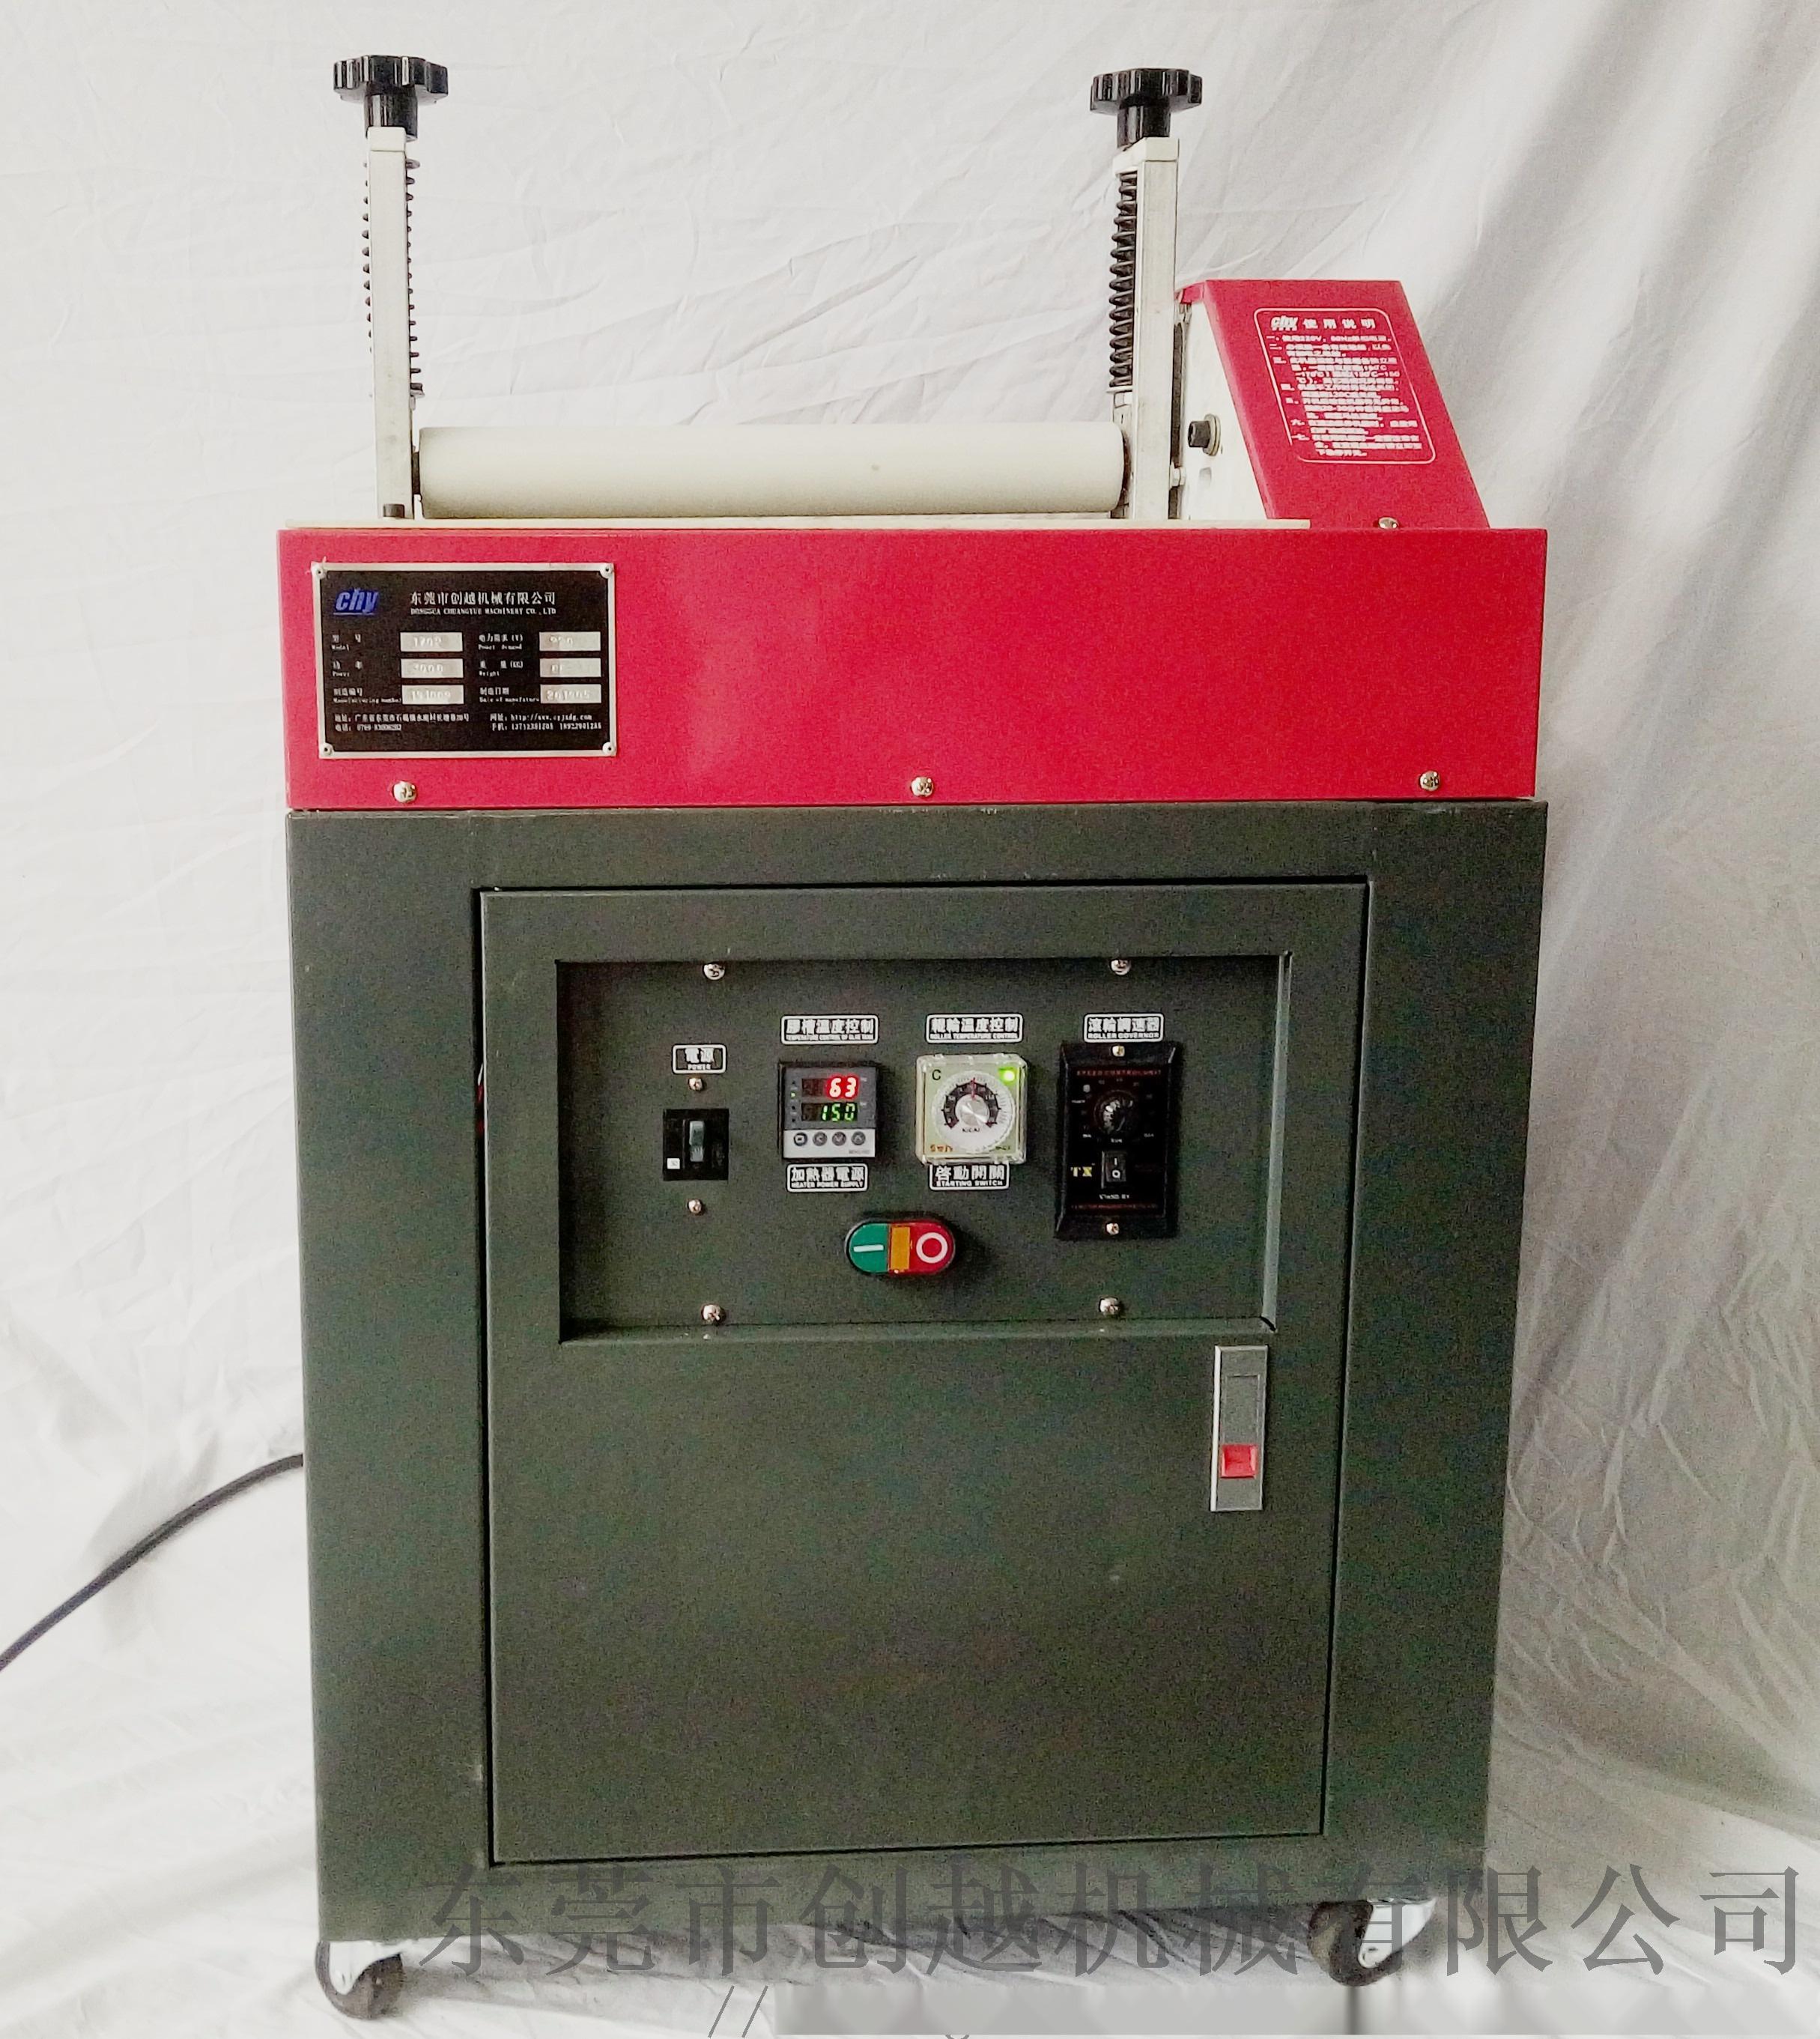 山东热熔胶机 热熔胶过胶机 EVA过胶机设备811654122